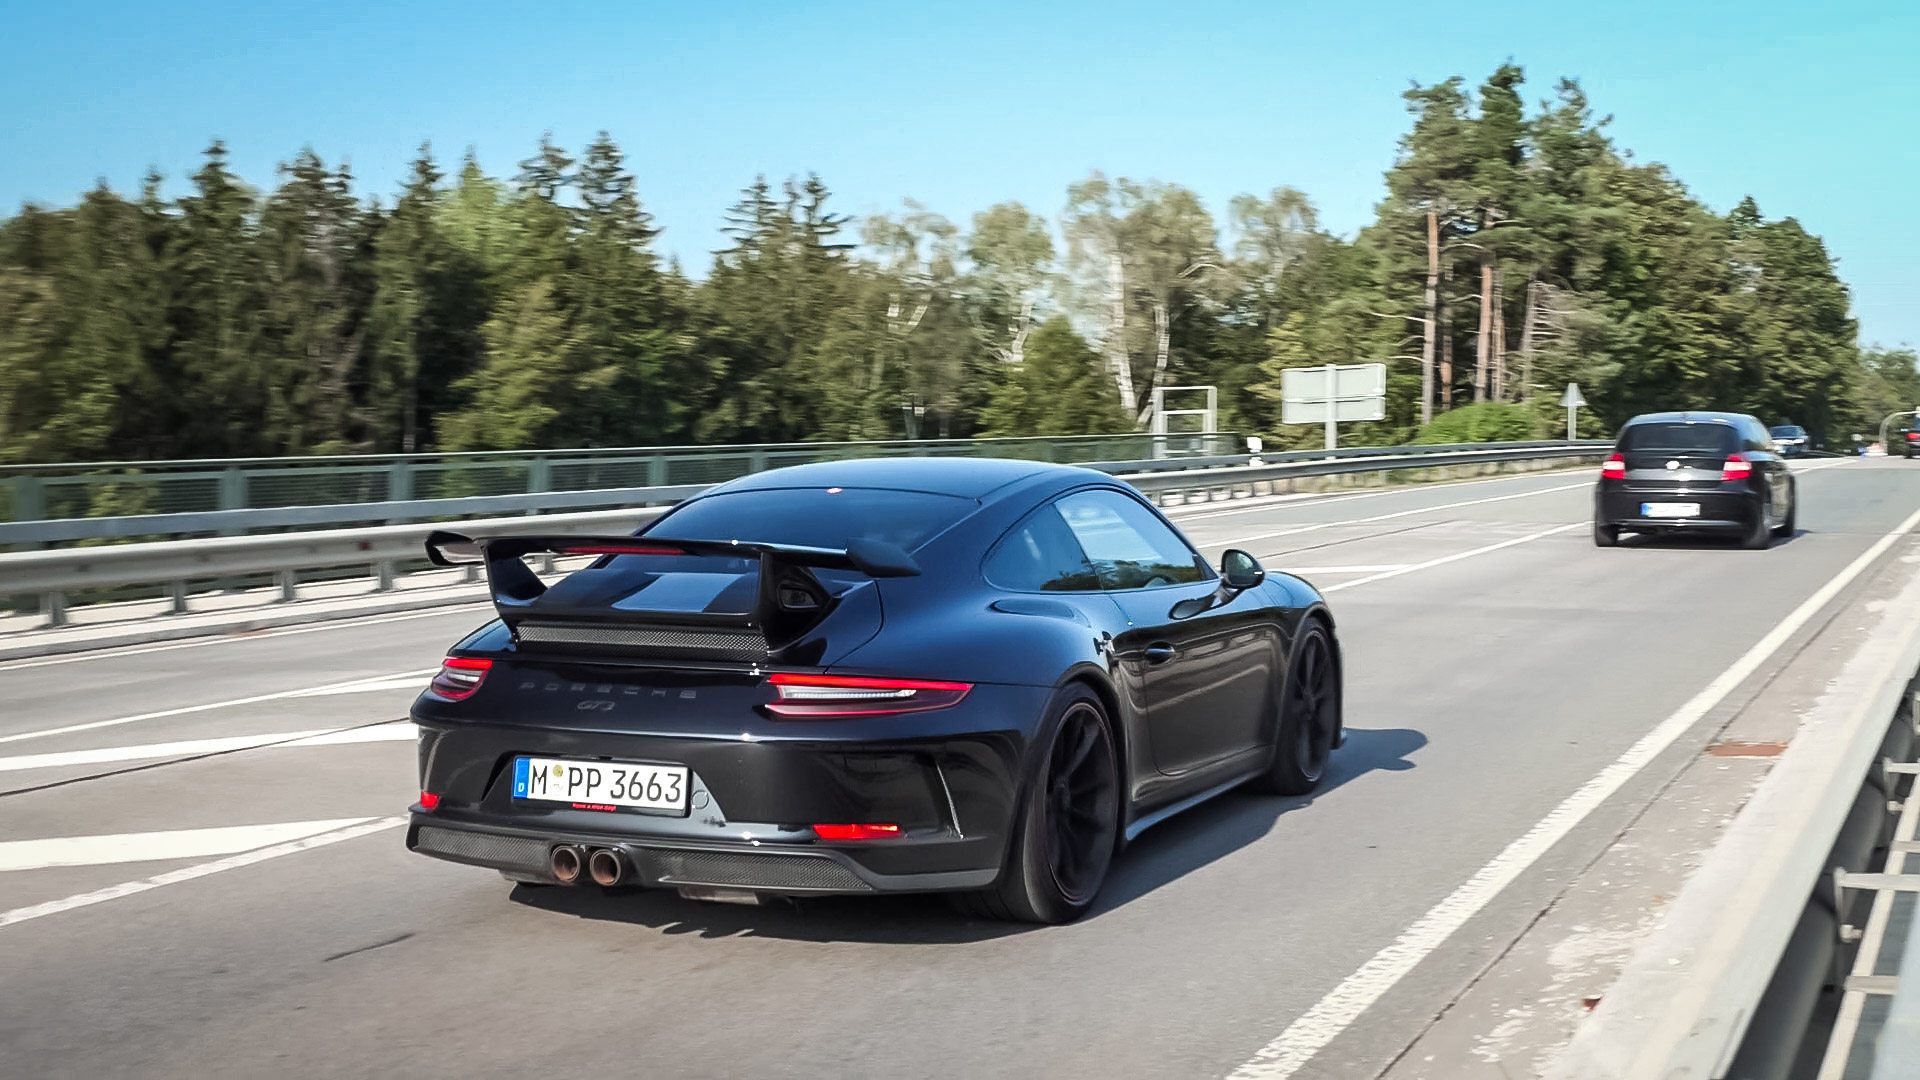 Porsche 991 GT3 - M-PP-3663